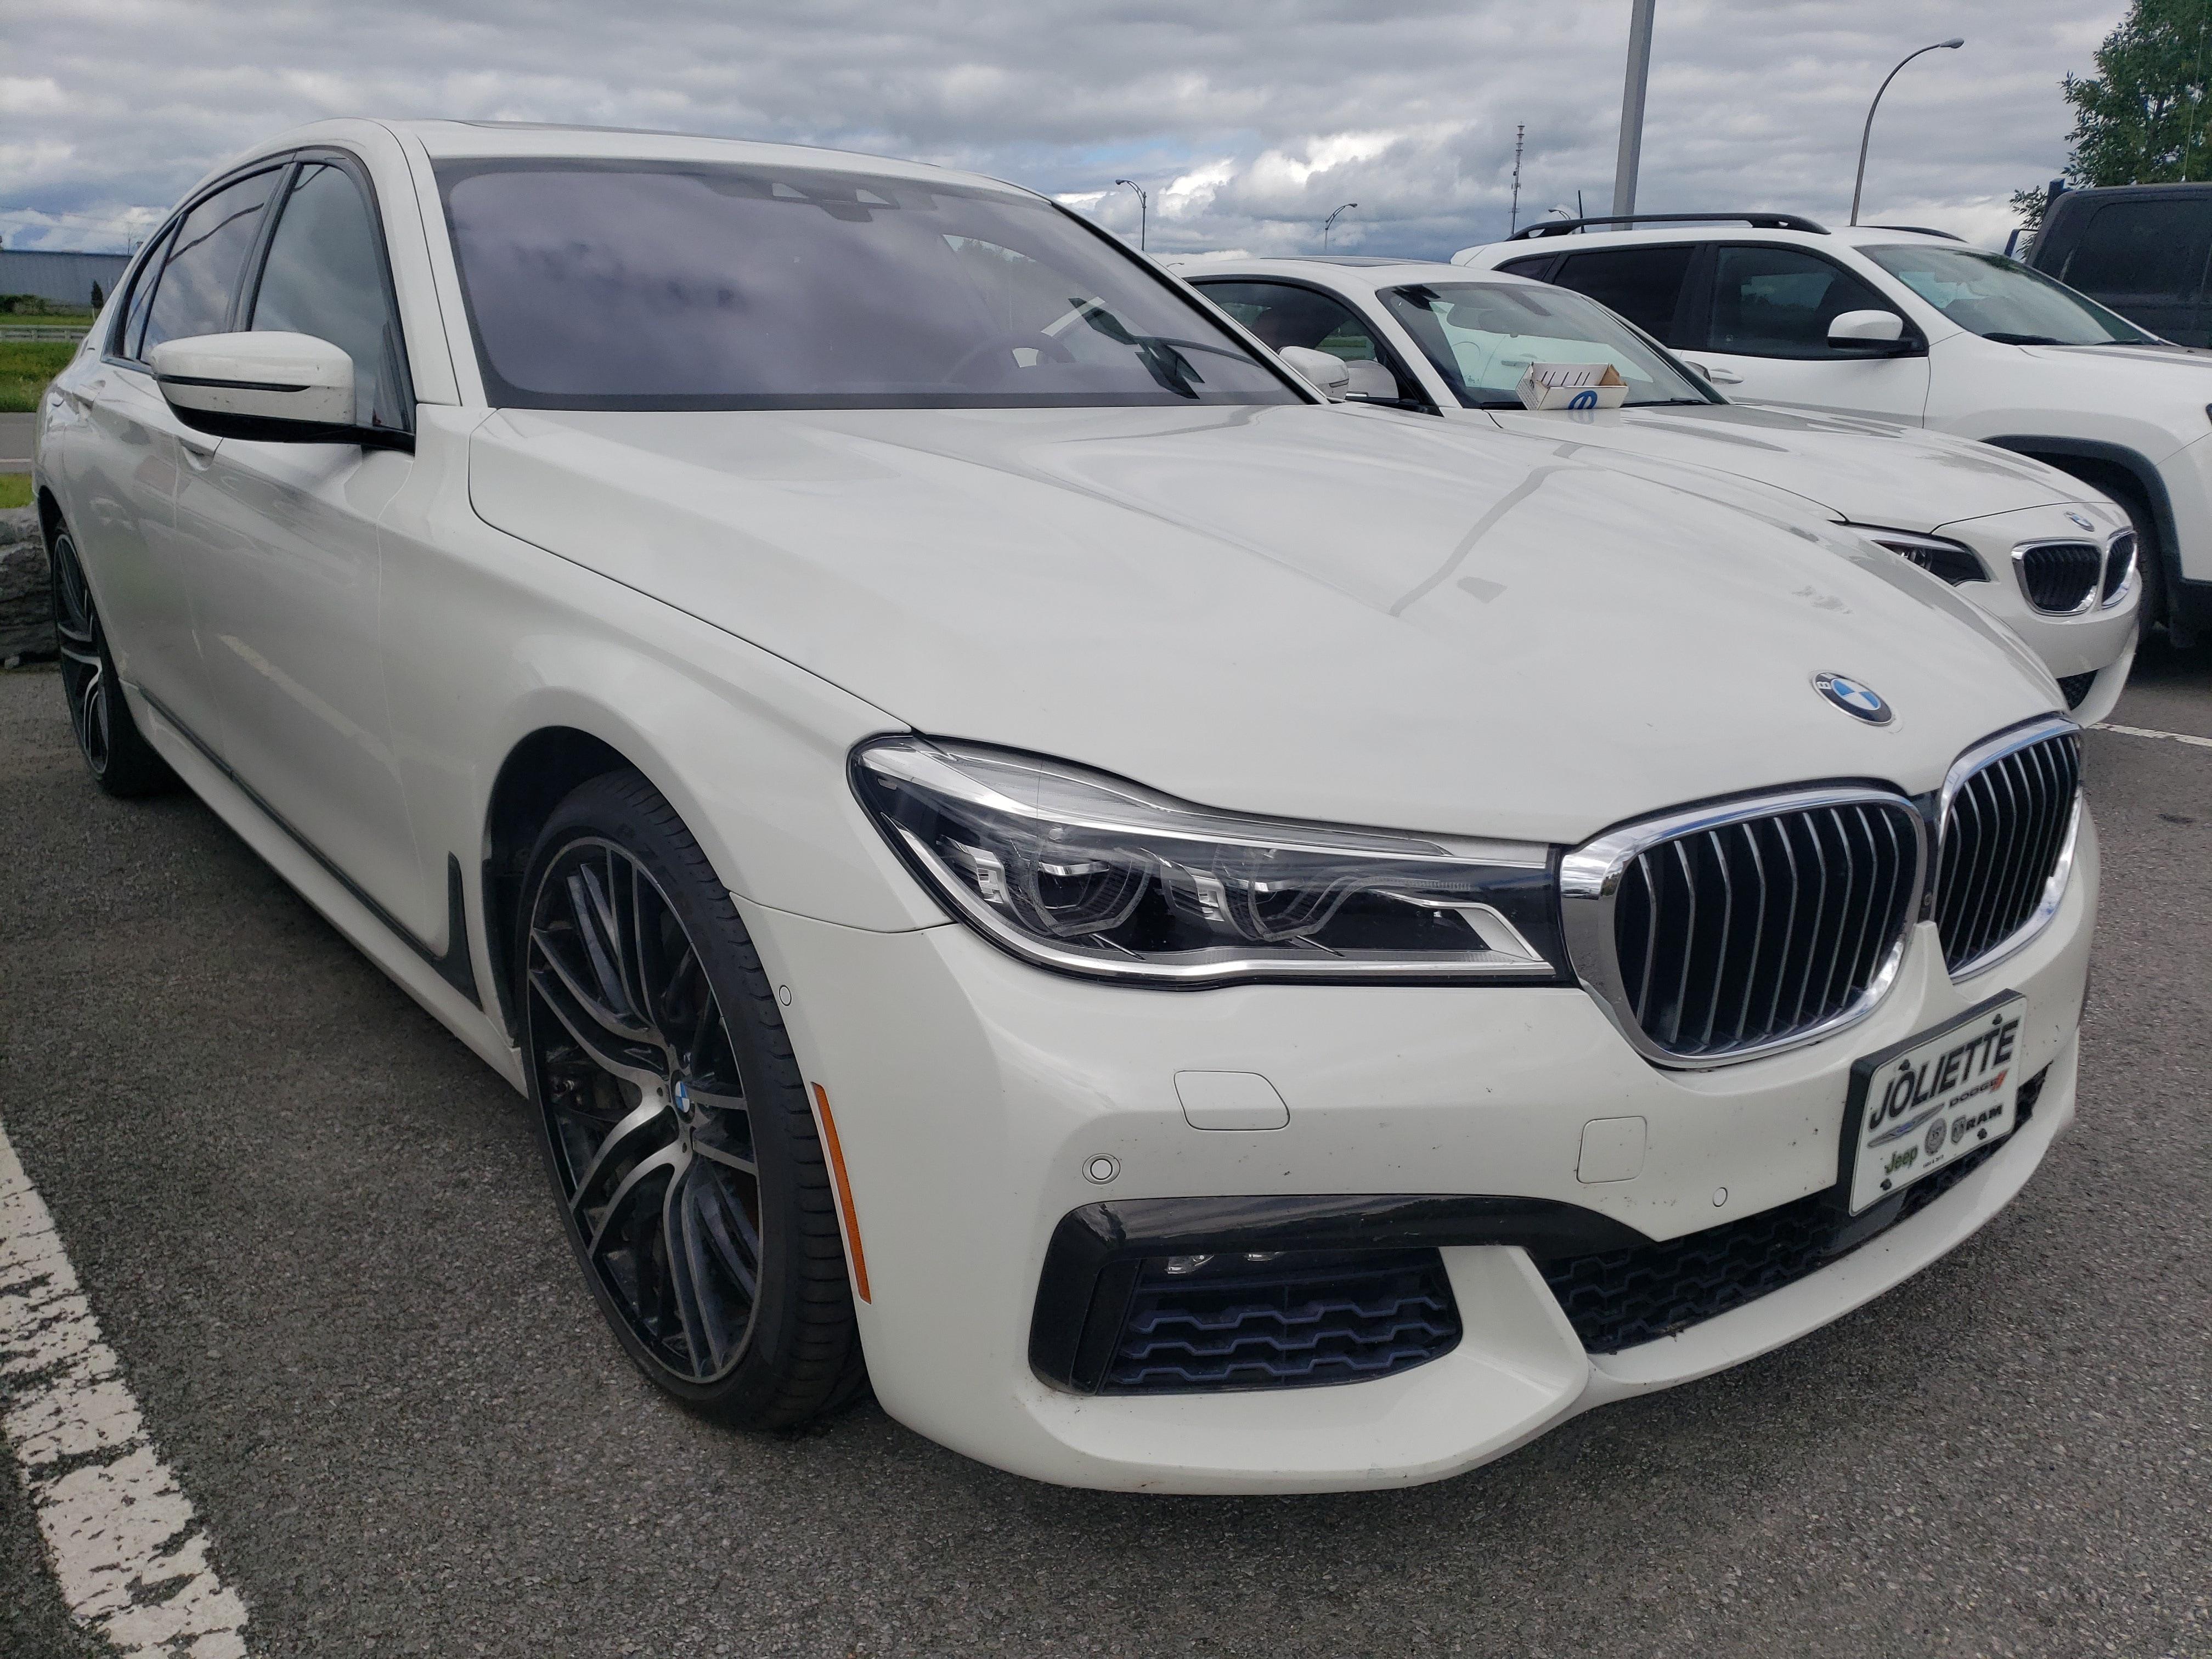 2016 BMW  750LI LI X DRIVE «FULL LOAD», FULL GARANTIE NOV 202